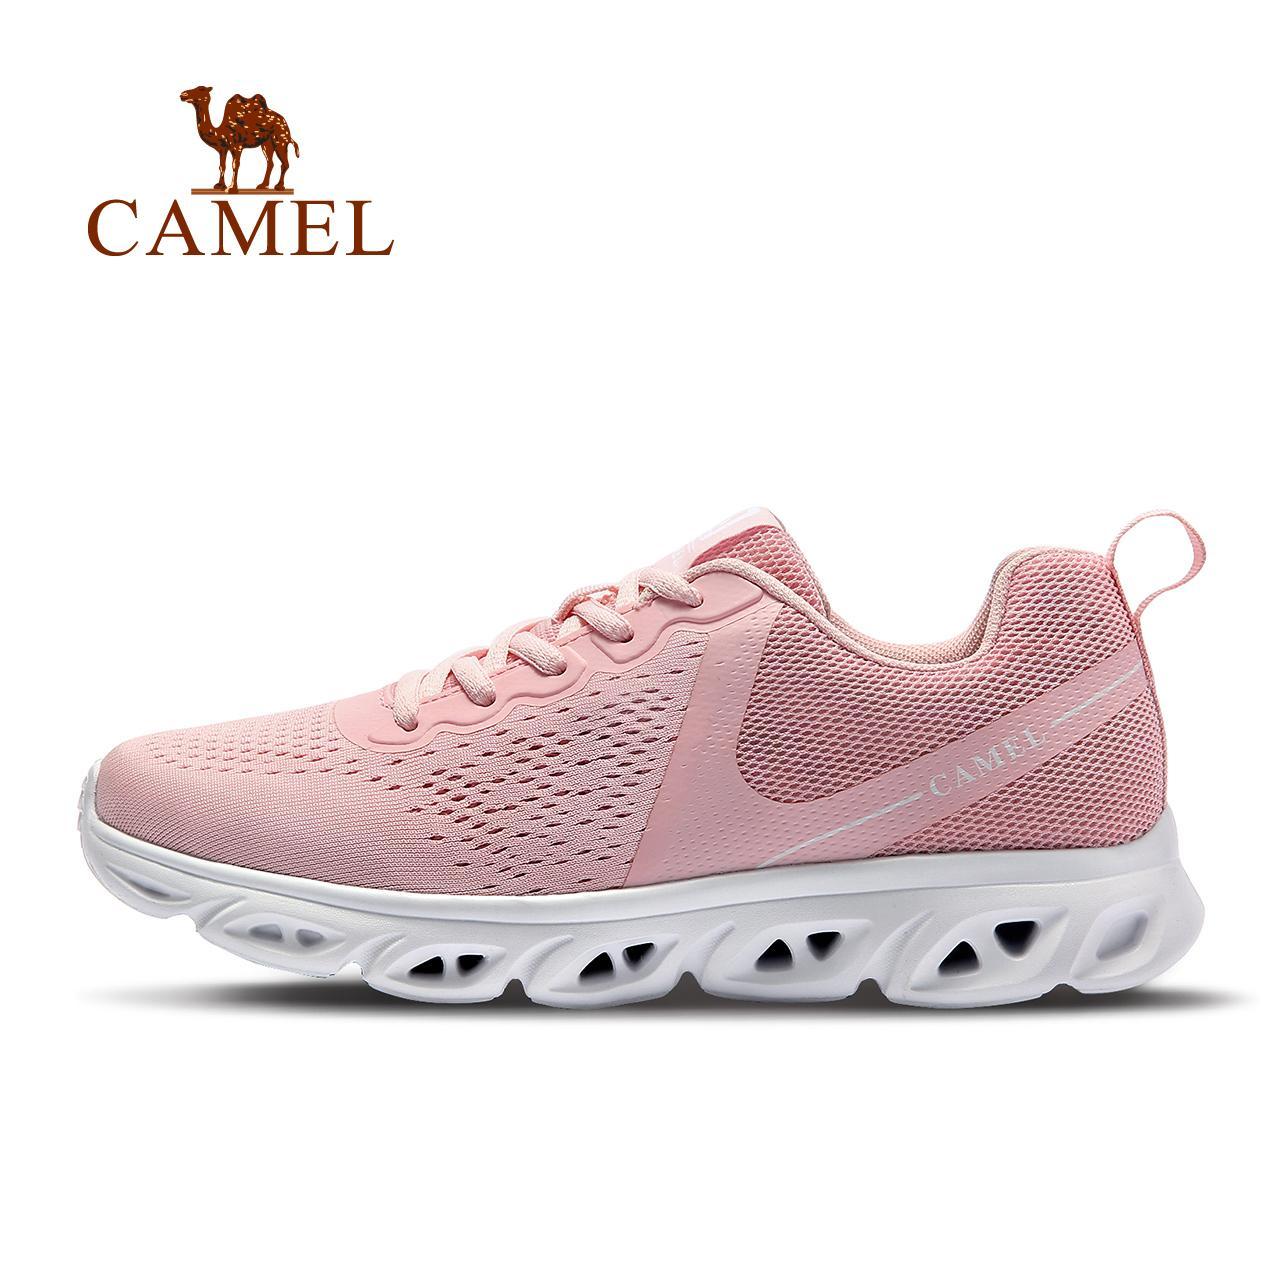 Giày thể thao chạy bộ CAMEL có đệm nhẹ thoáng khí sử dụng thường ngày thời trang cho nữ